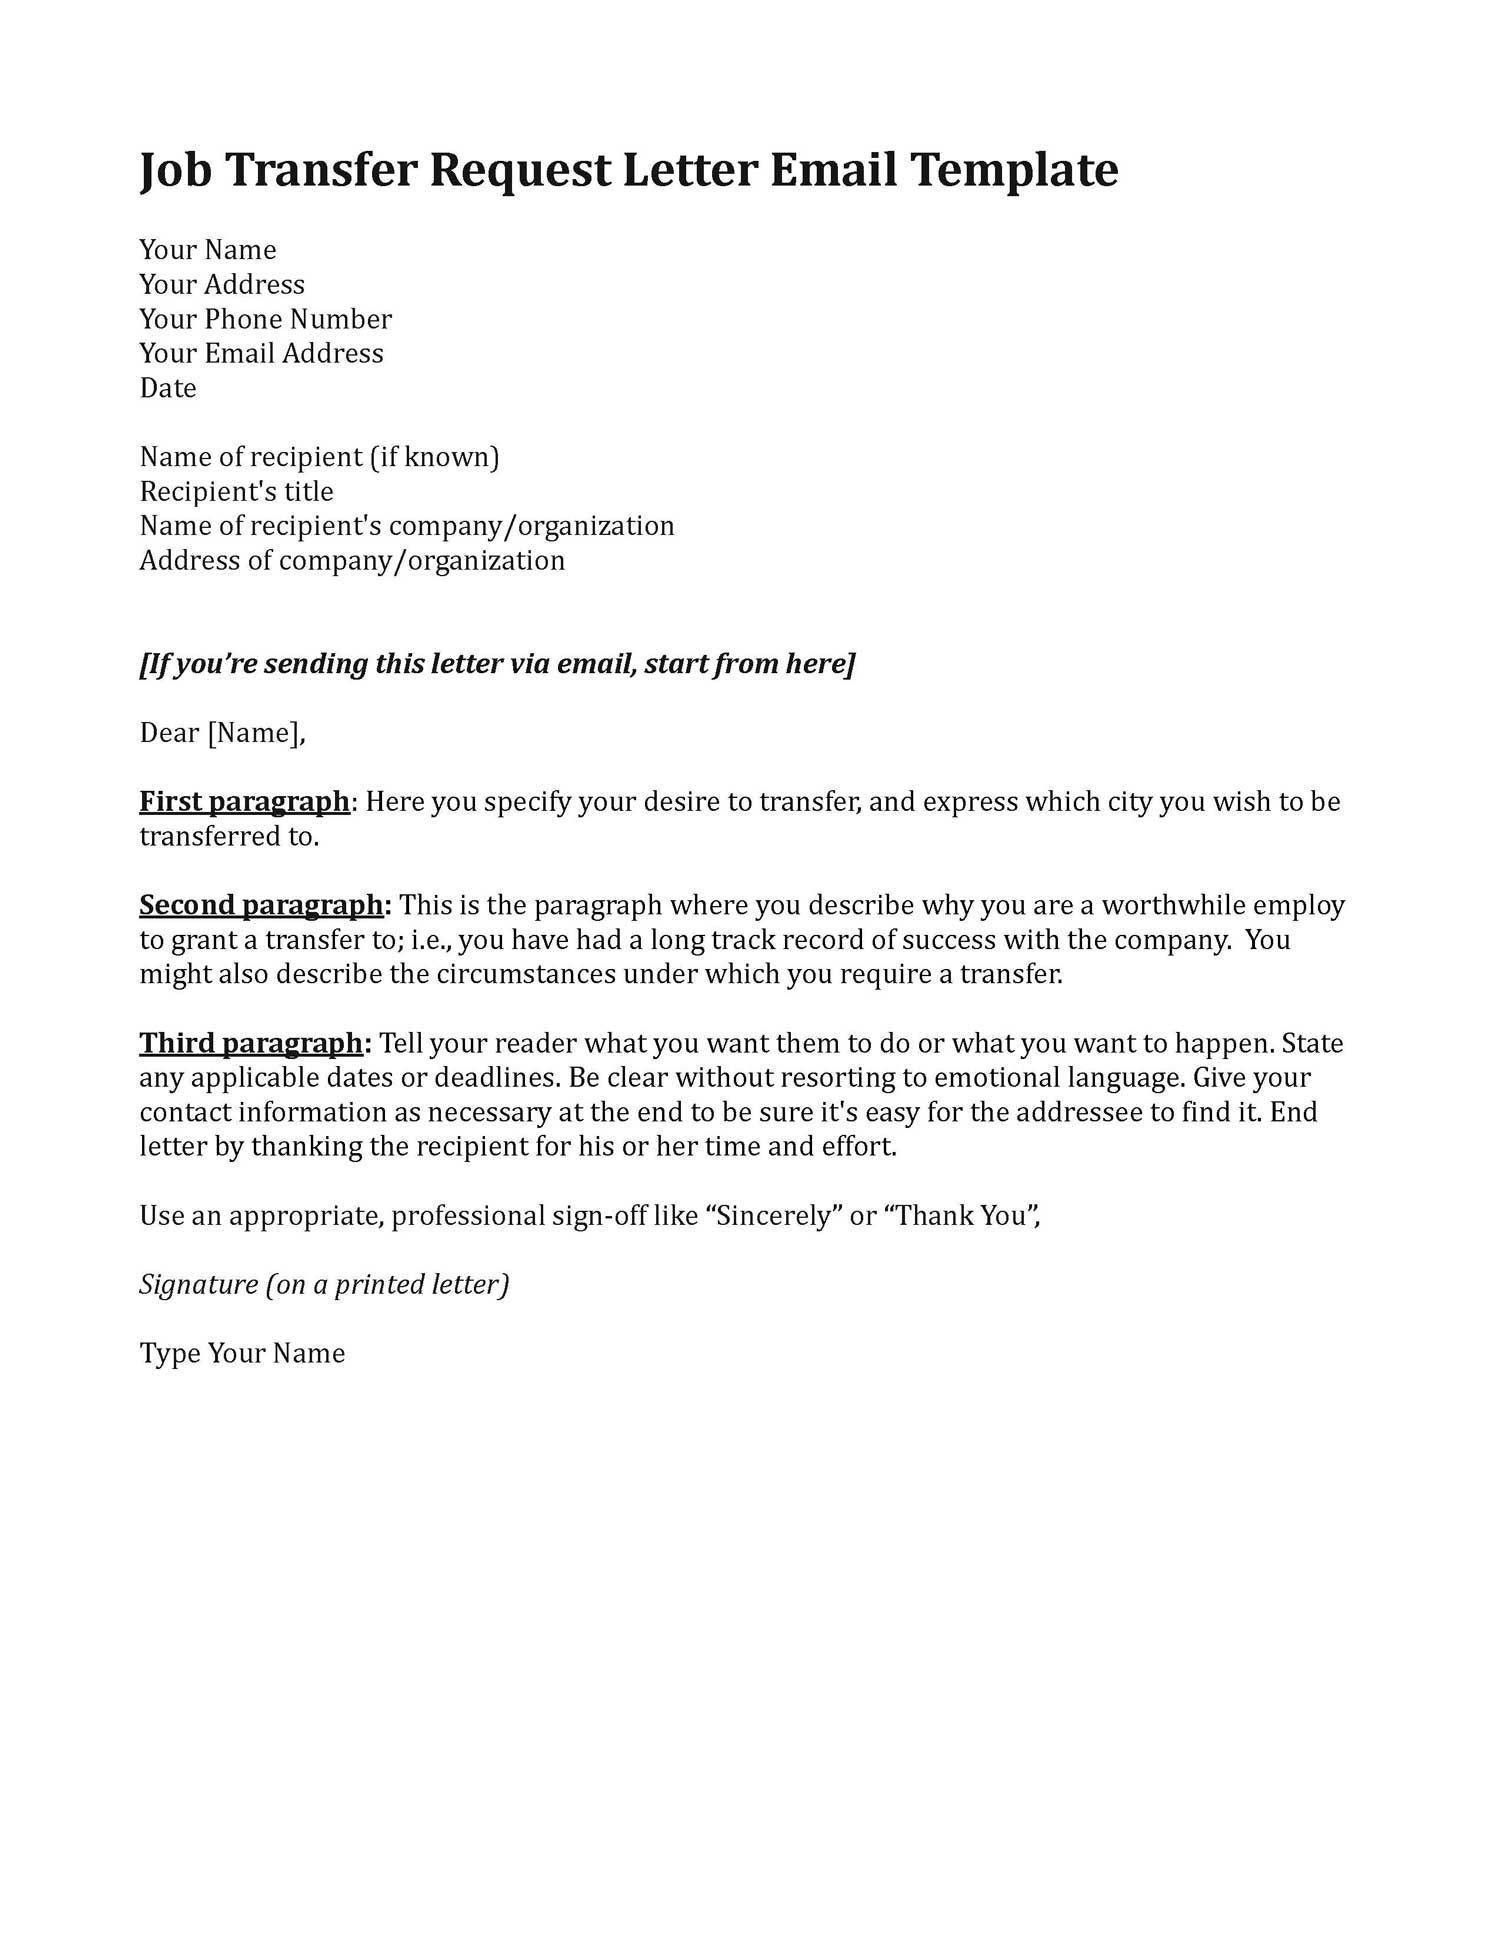 Transfer Letter Template - Transfer Letter for Job Best Job Transfer Letter Fresh Transfer